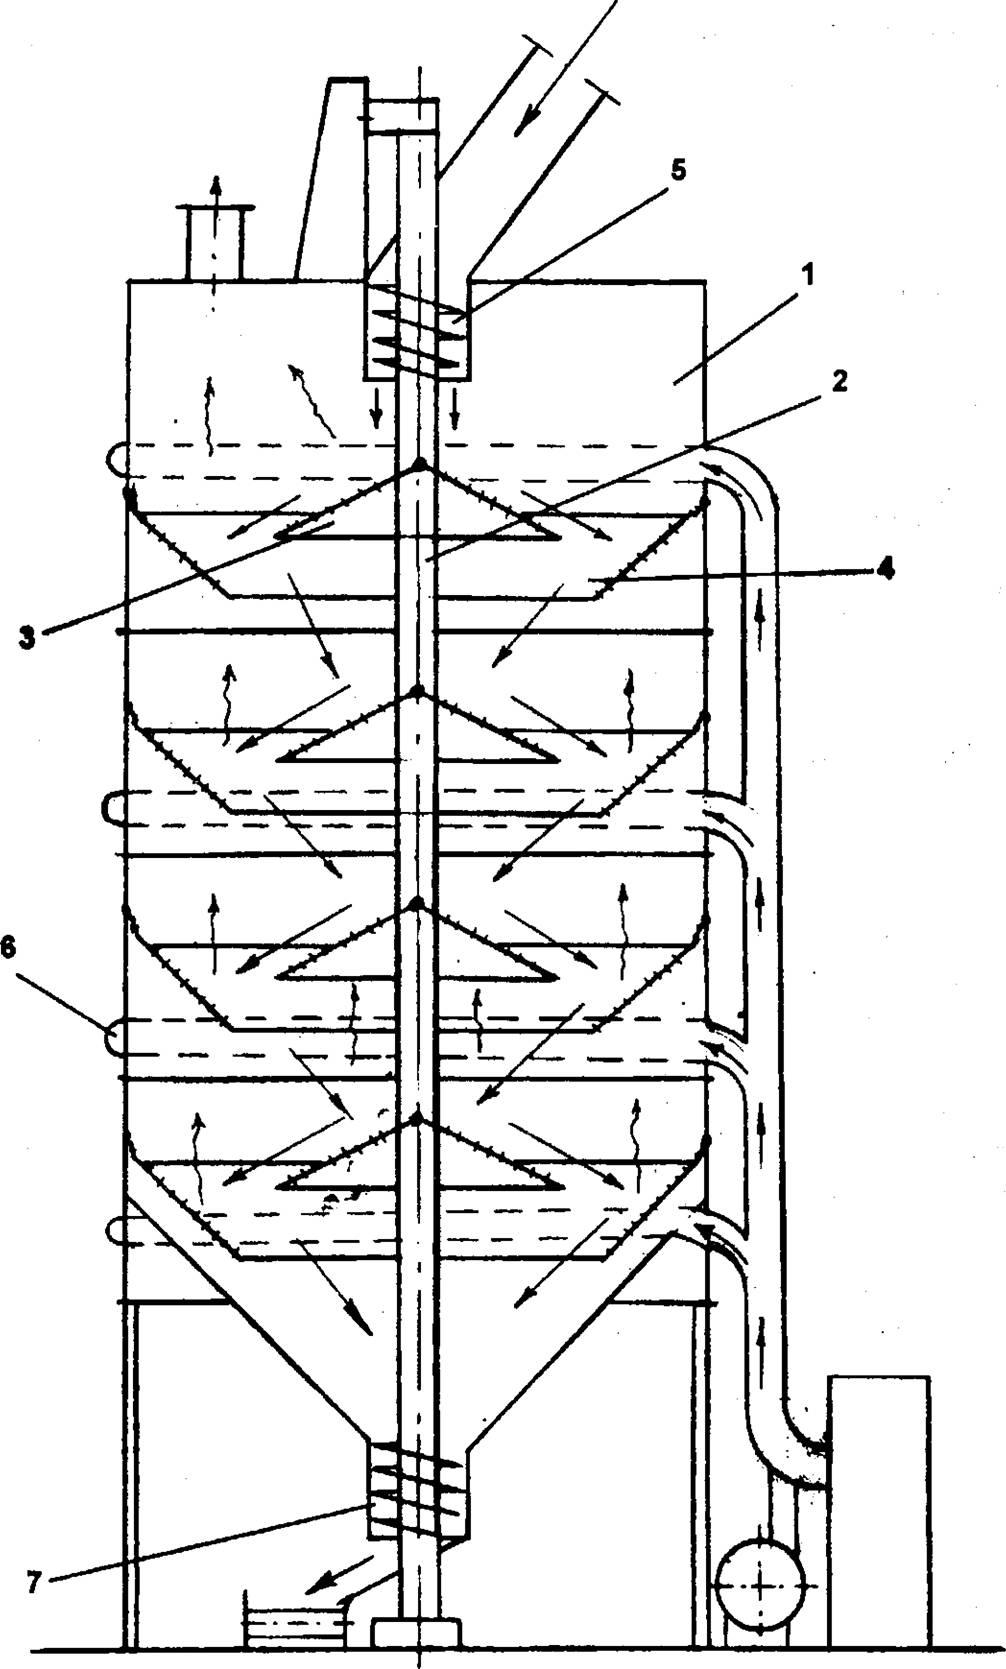 паровая сушилка трубчатая схема